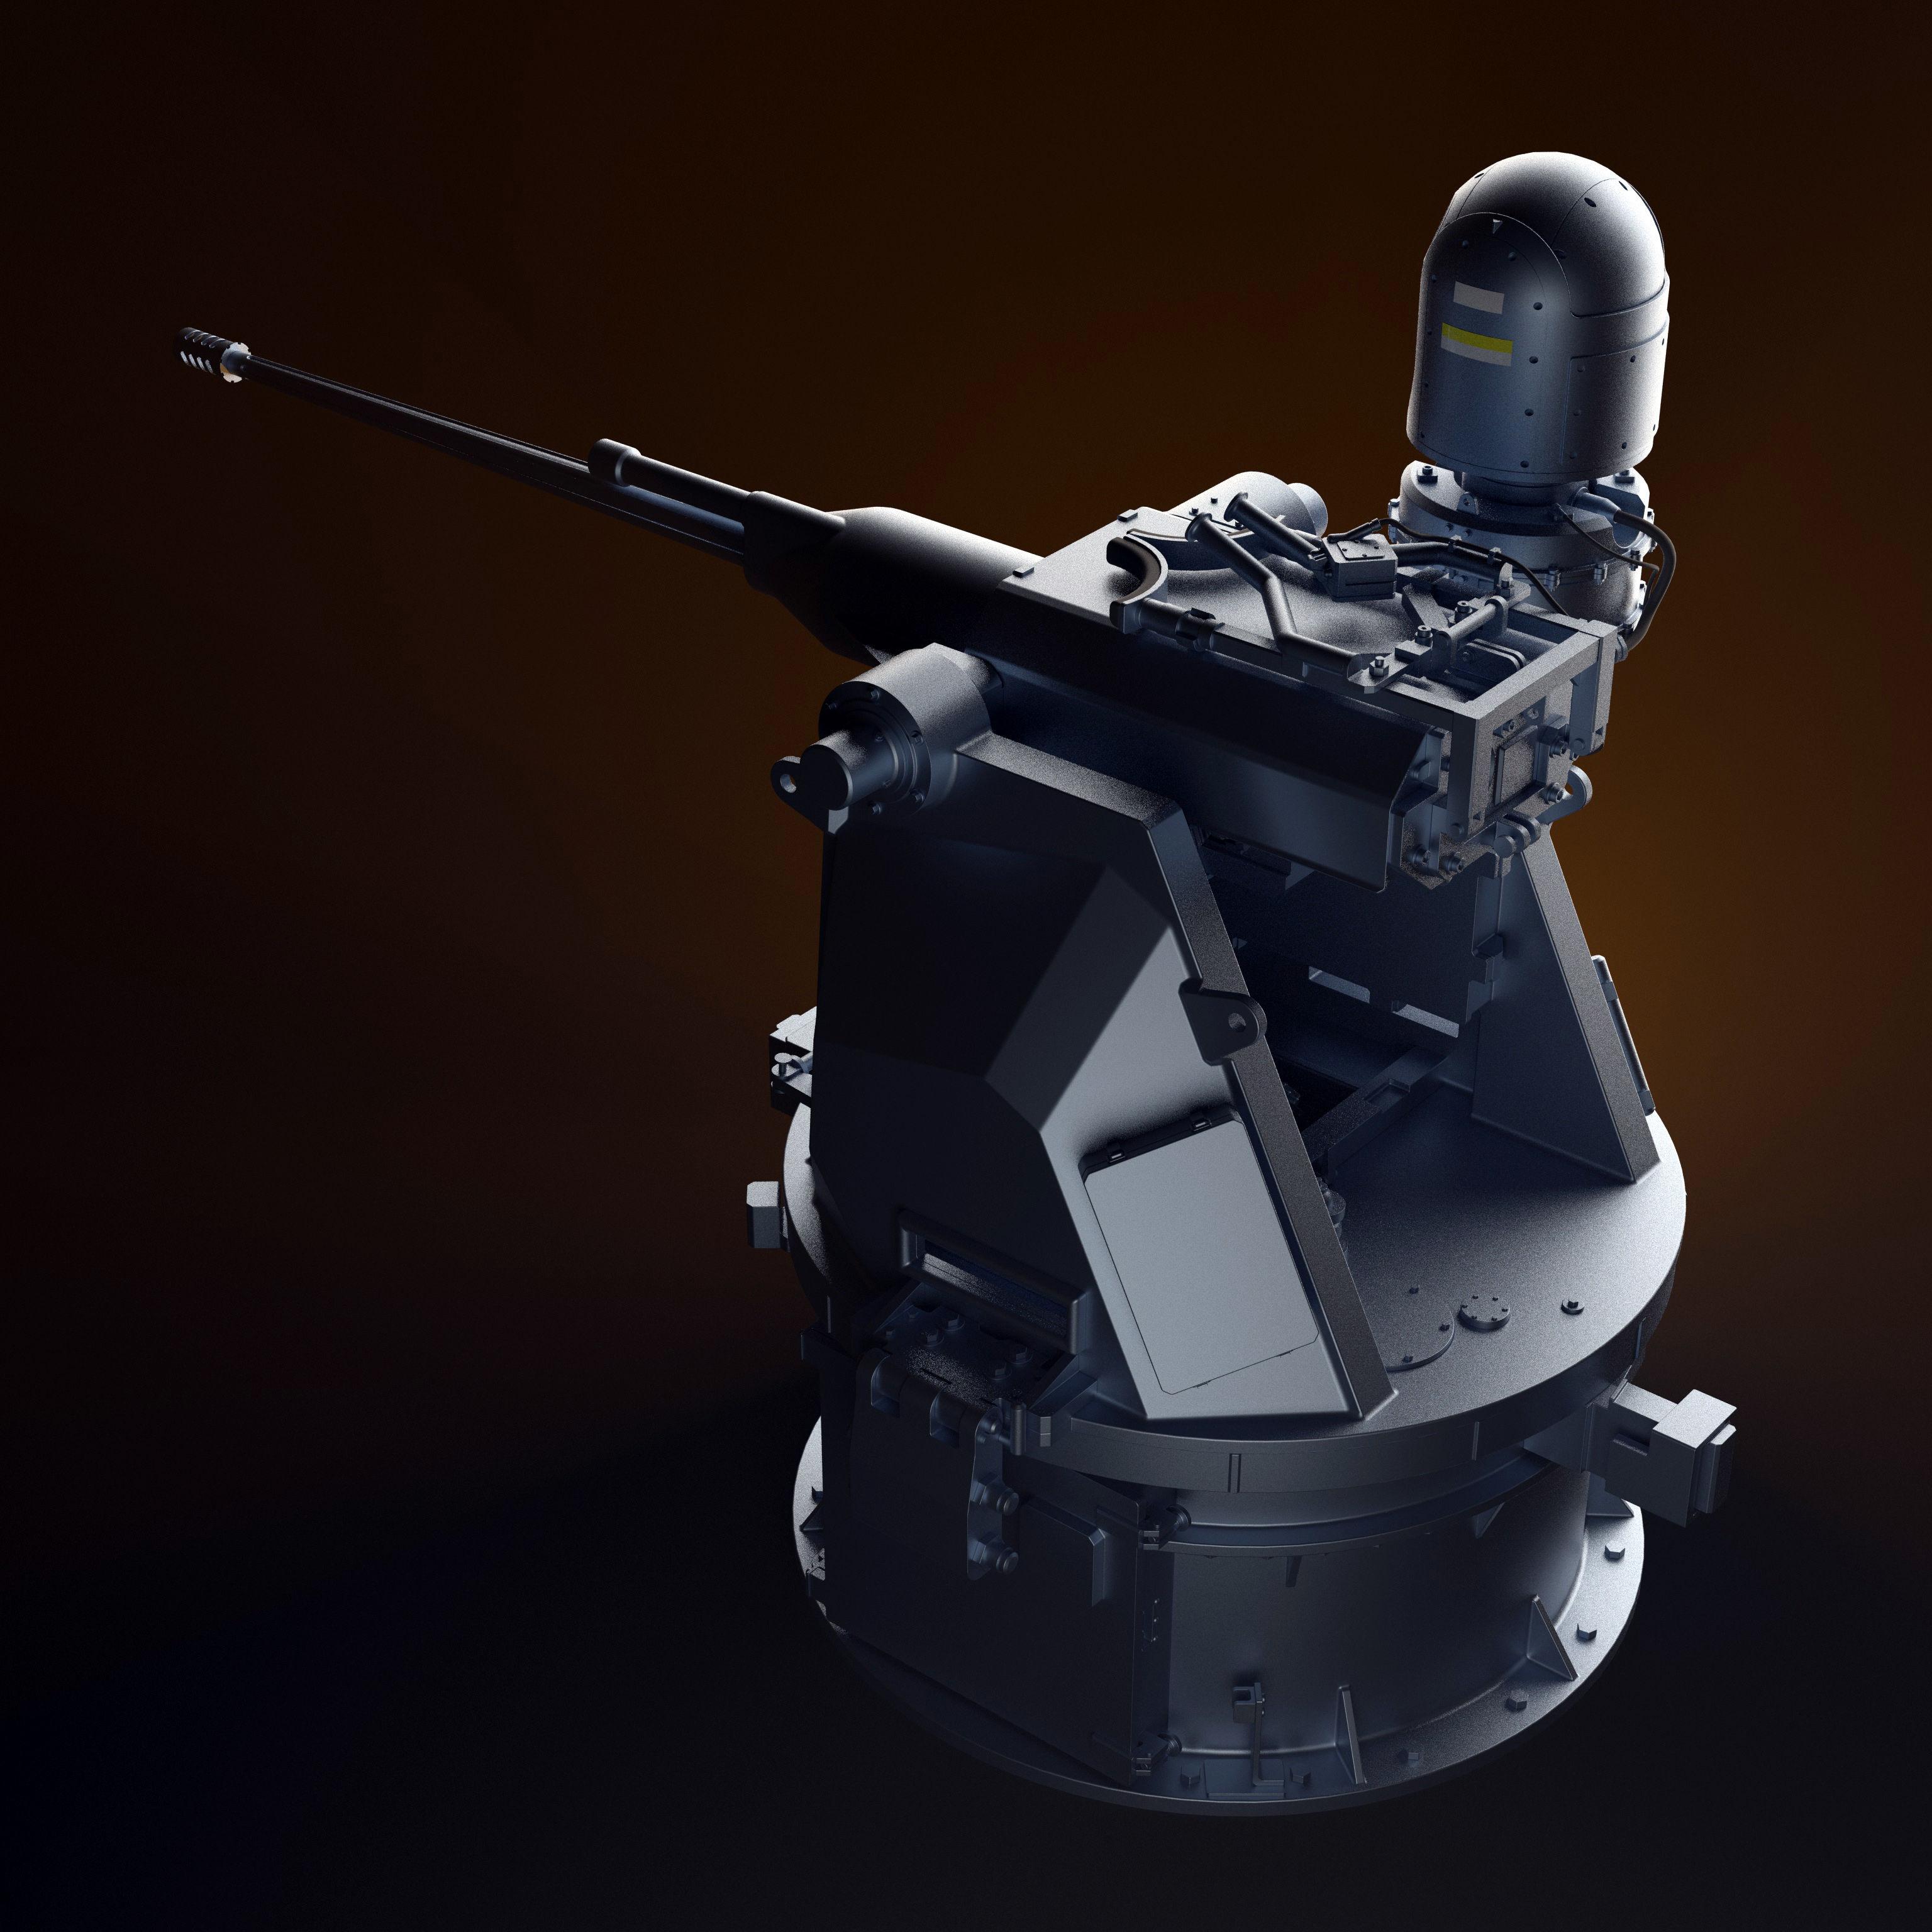 Bushmaster-02-3500-3500